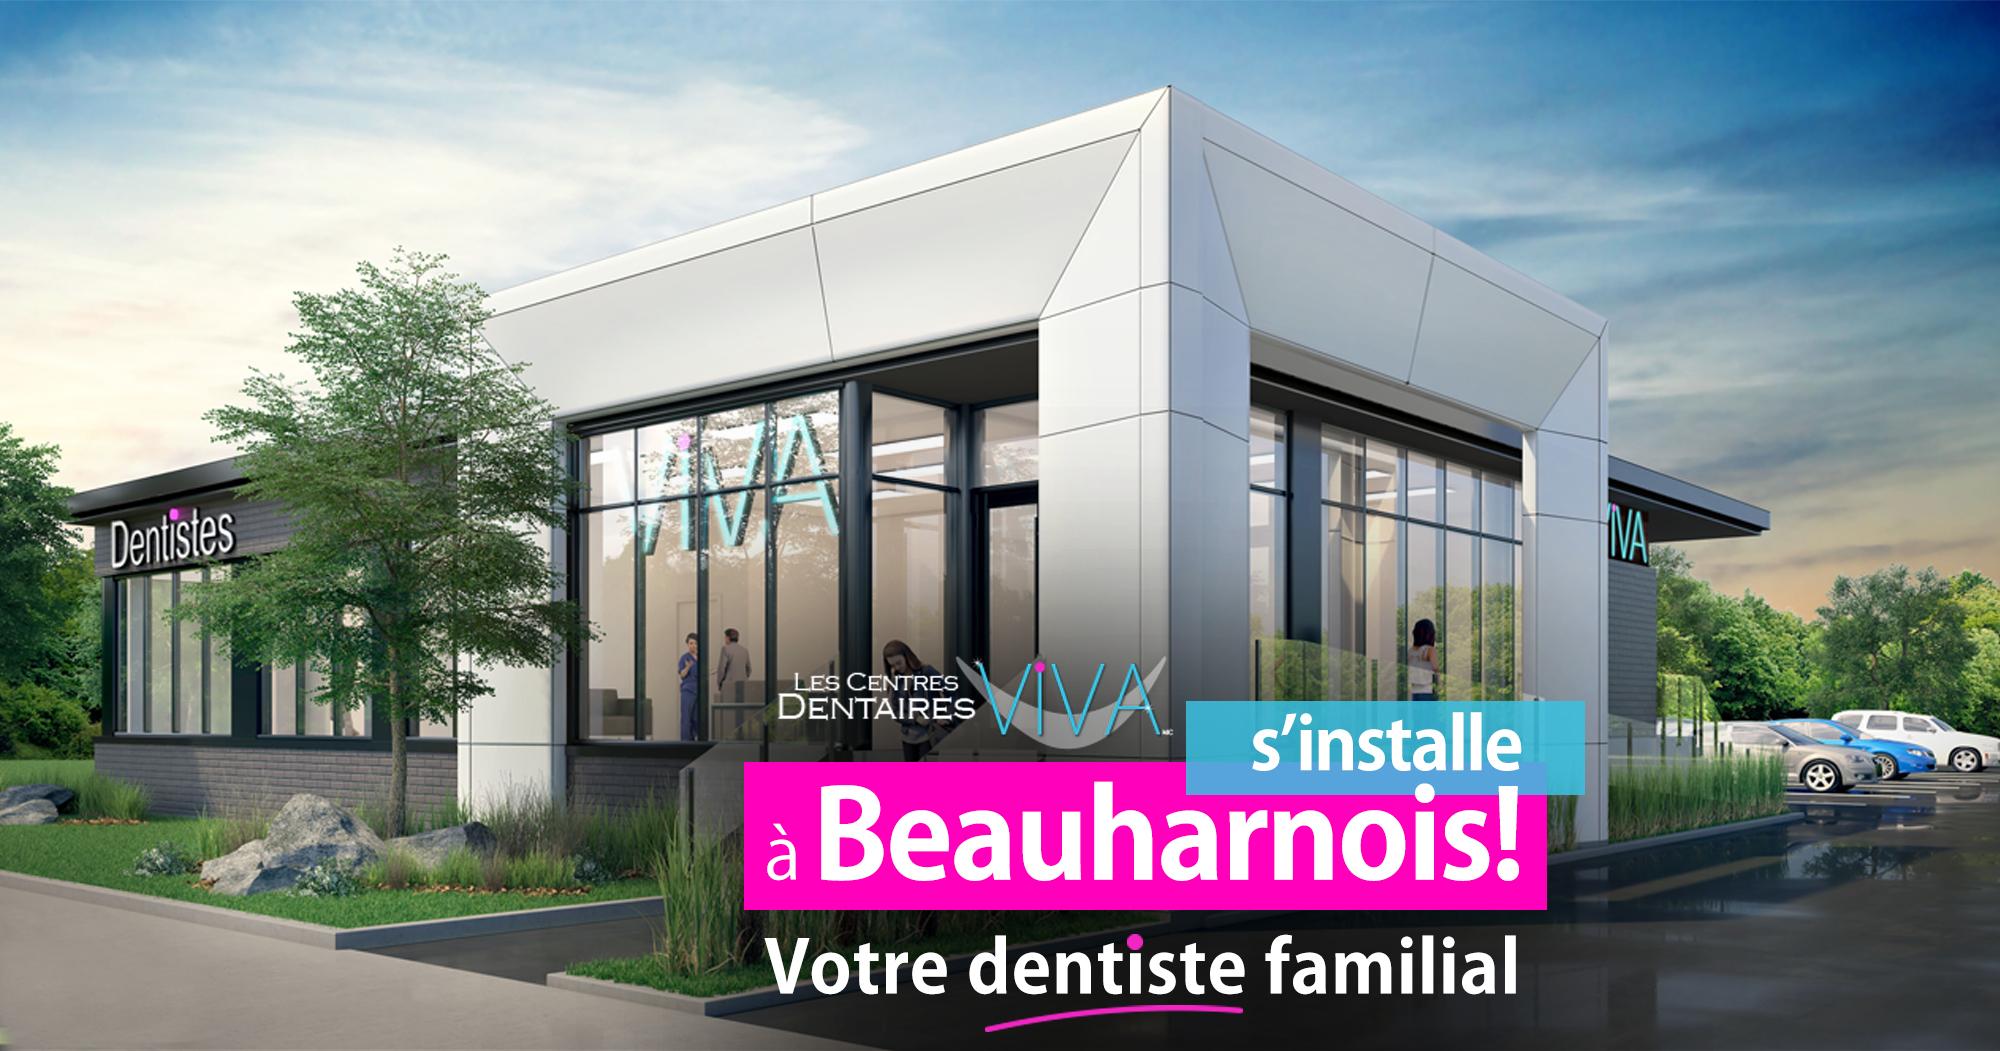 Dentiste Beauharnois VIVA